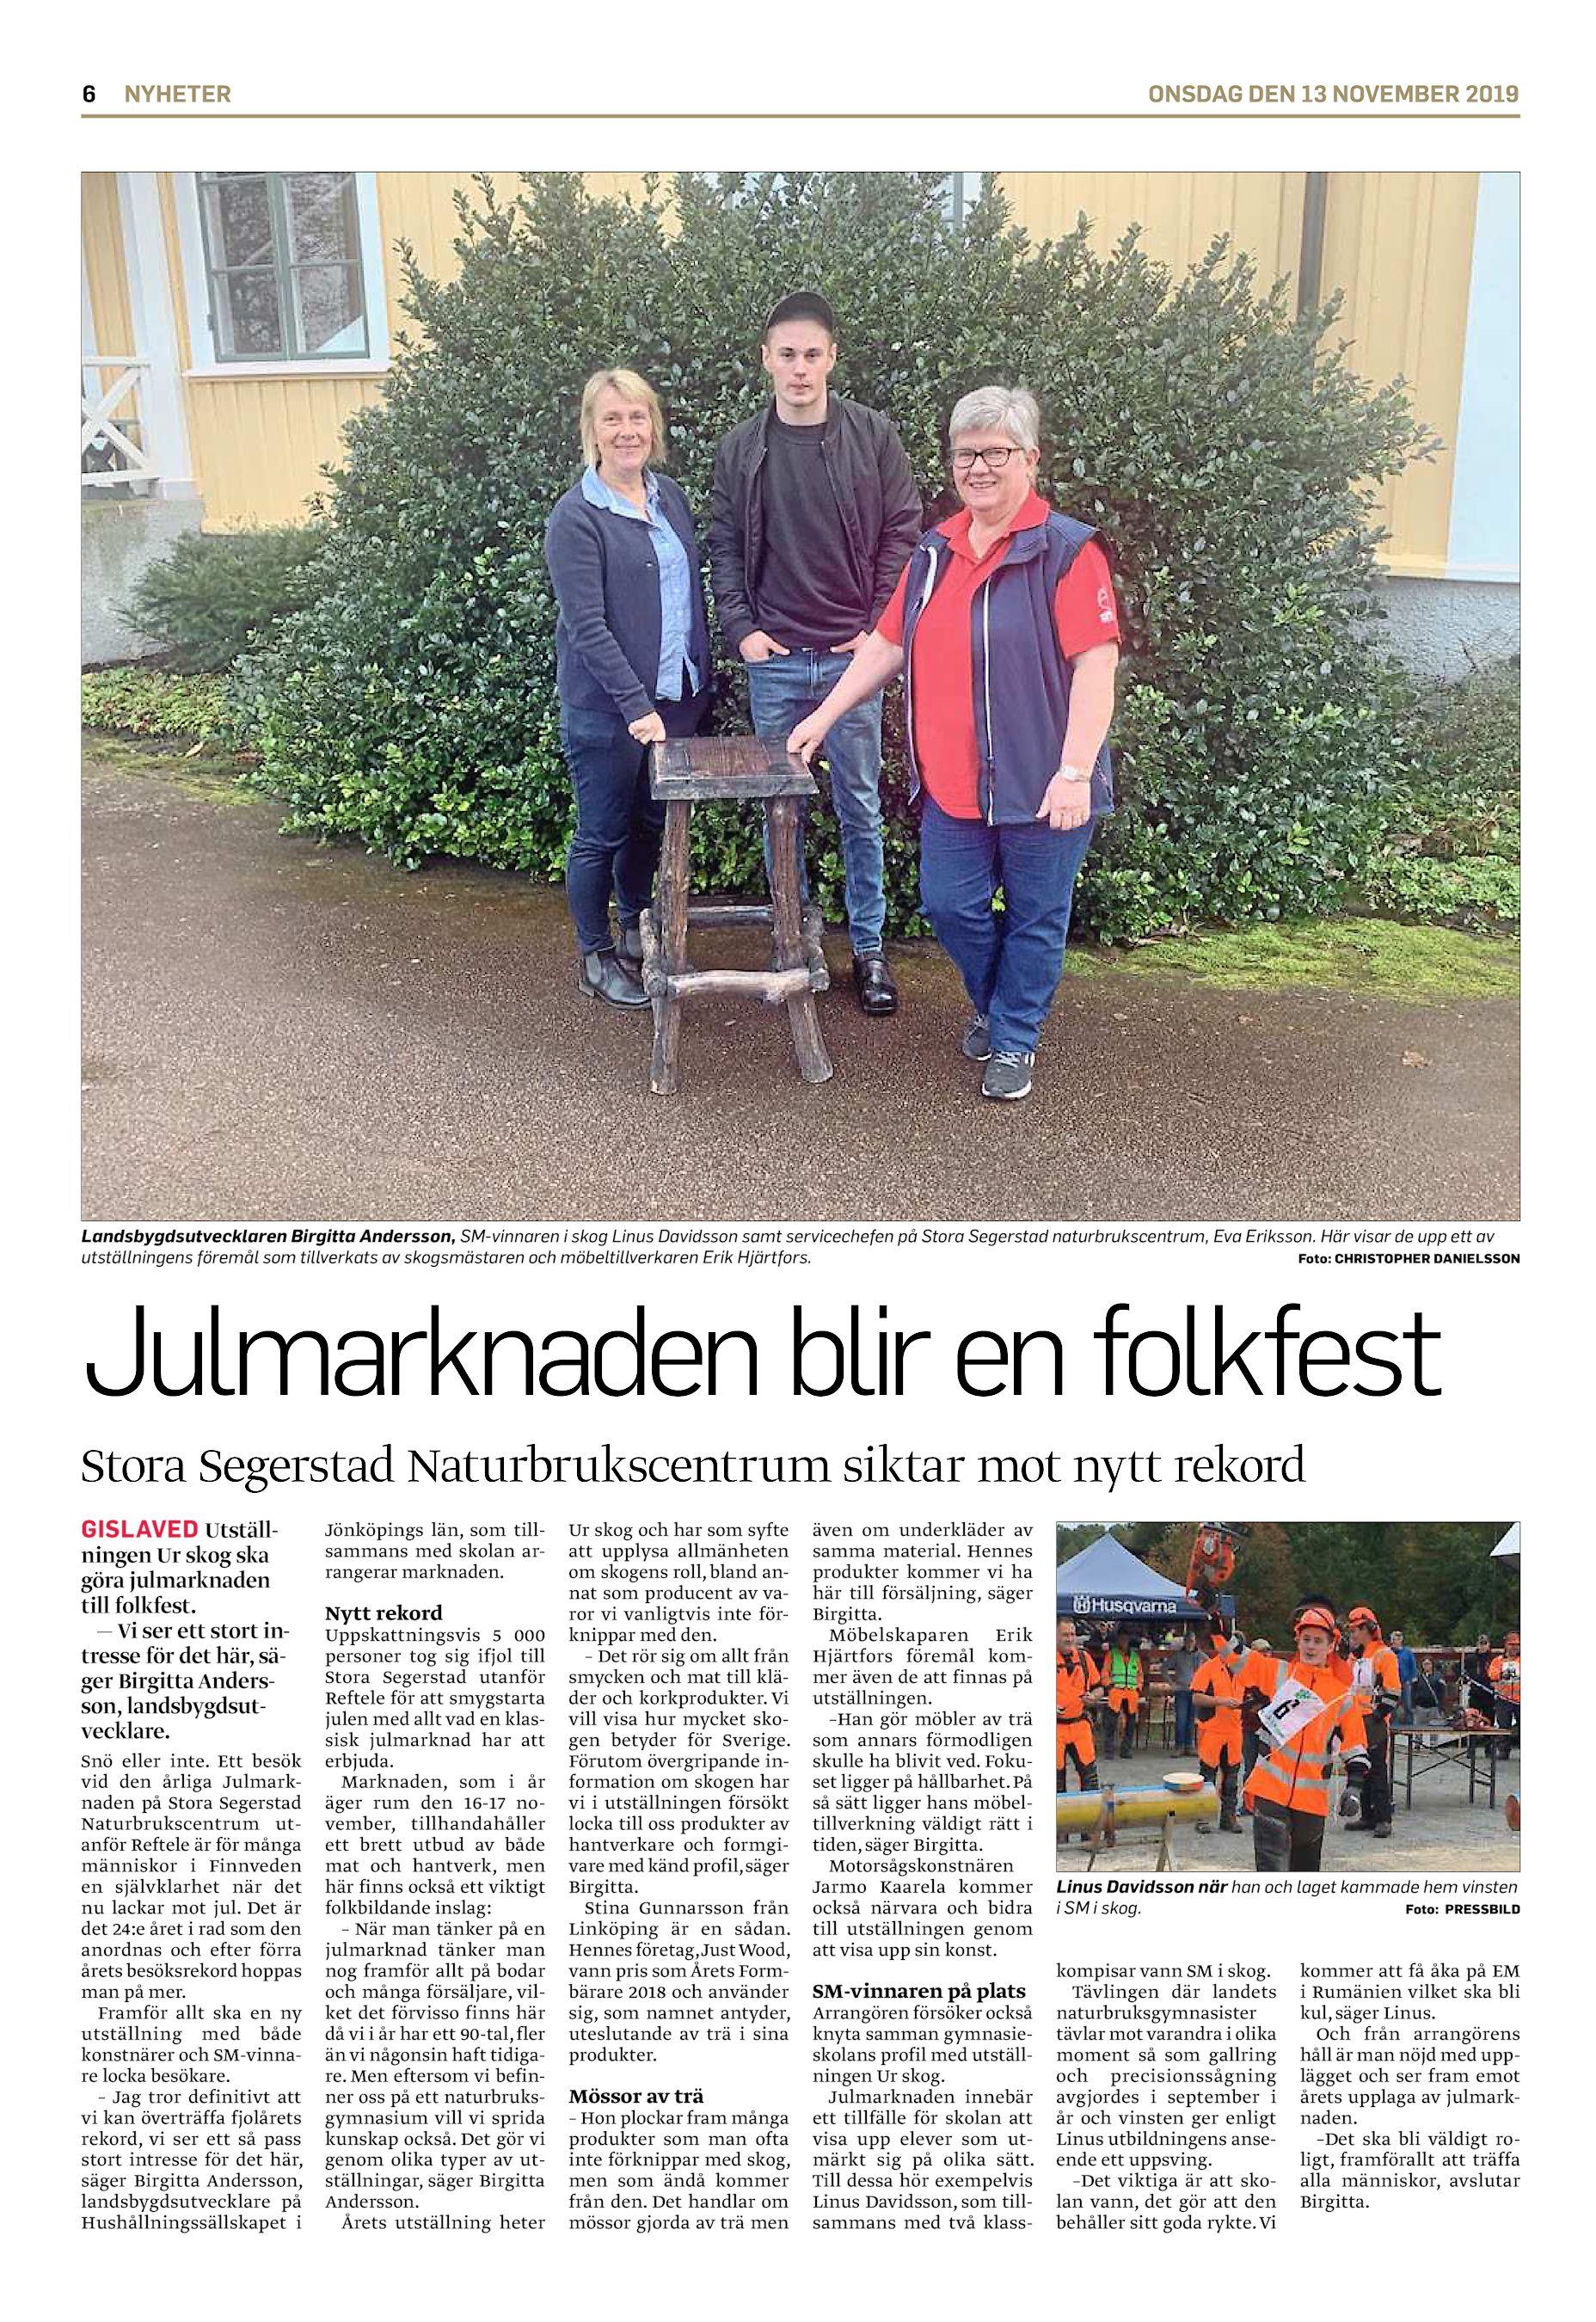 Kenneth Eriksson, 36 r i Edsvalla p Enstavgen 1 B